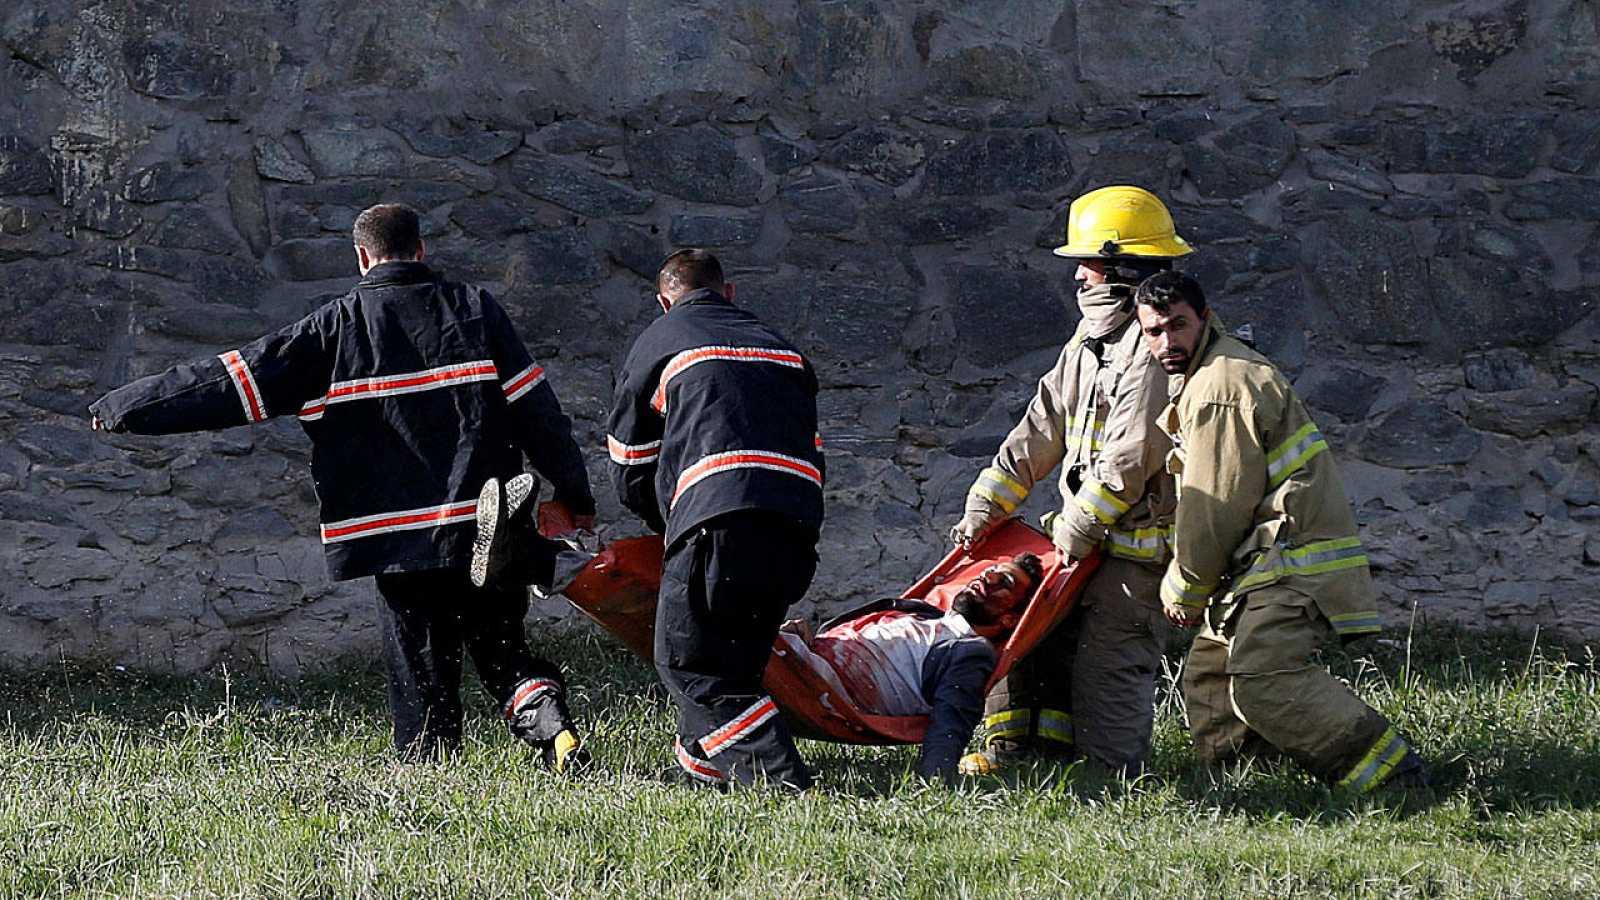 Los equipos sanitarios y de seguridad trasladan a una de las víctimas del atentado contra el Ministerio de Defensa en Kabul.